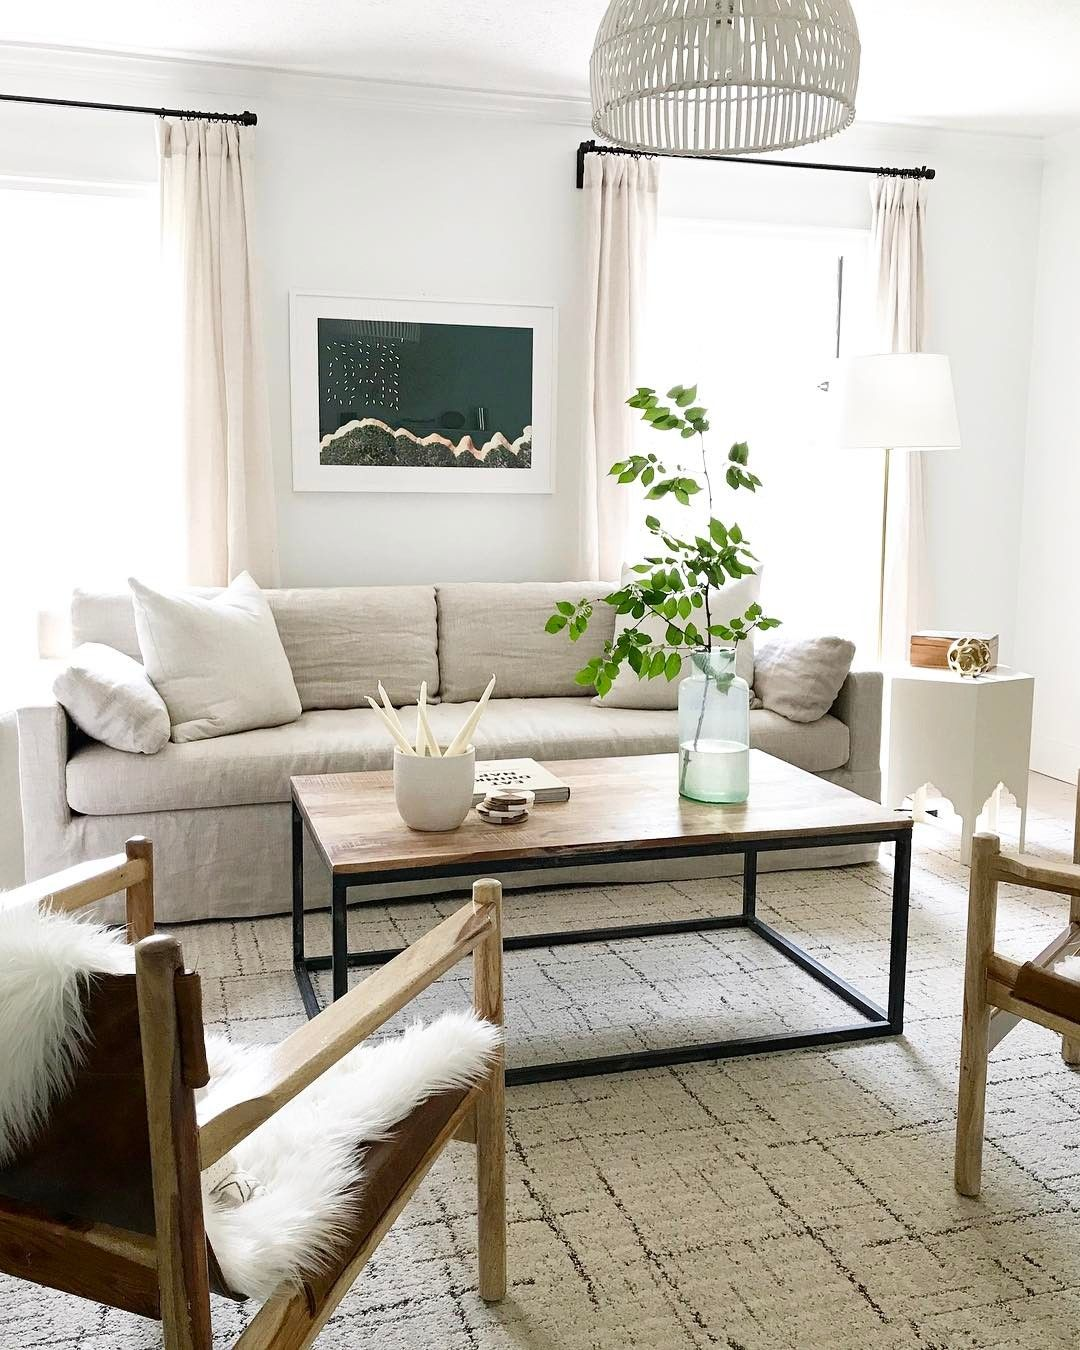 Neue wohnzimmer innenarchitektur pin von ania richard auf living room  pinterest  einrichtungsideen